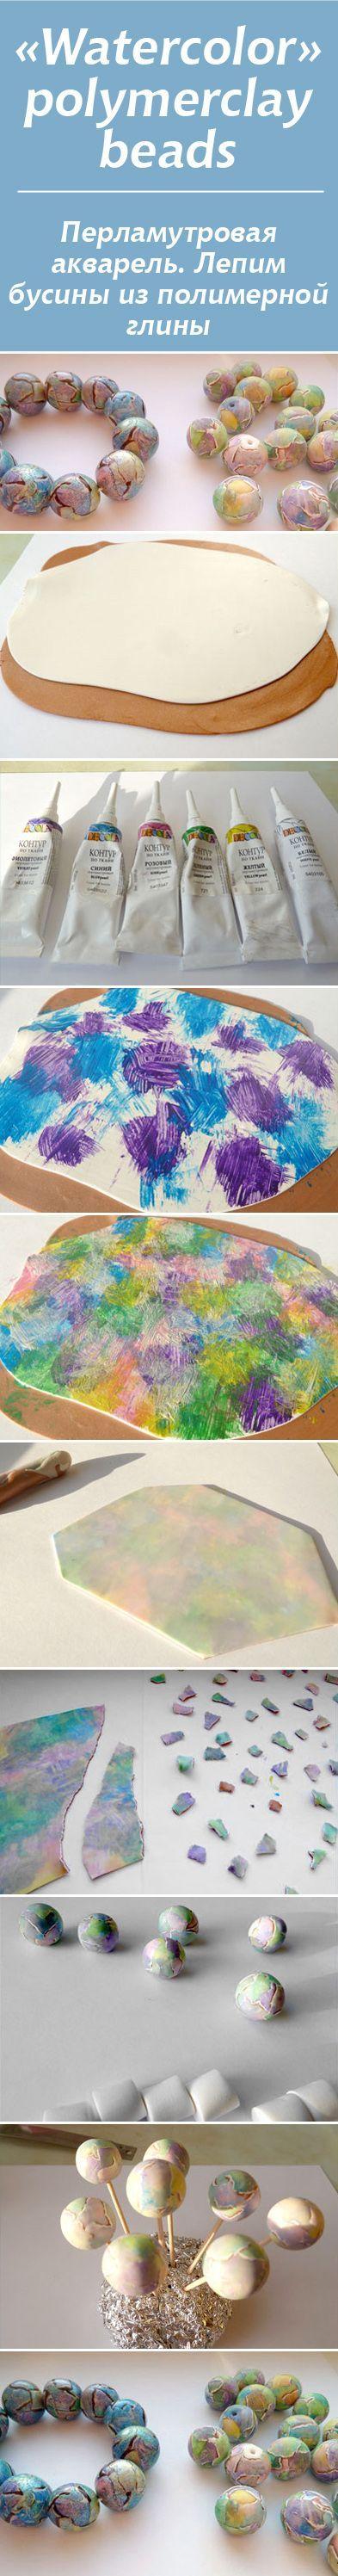 """""""Watercolor"""" polymer clay beads tutorial / Лепим """"акварельные"""" бусины из полимерной глины"""